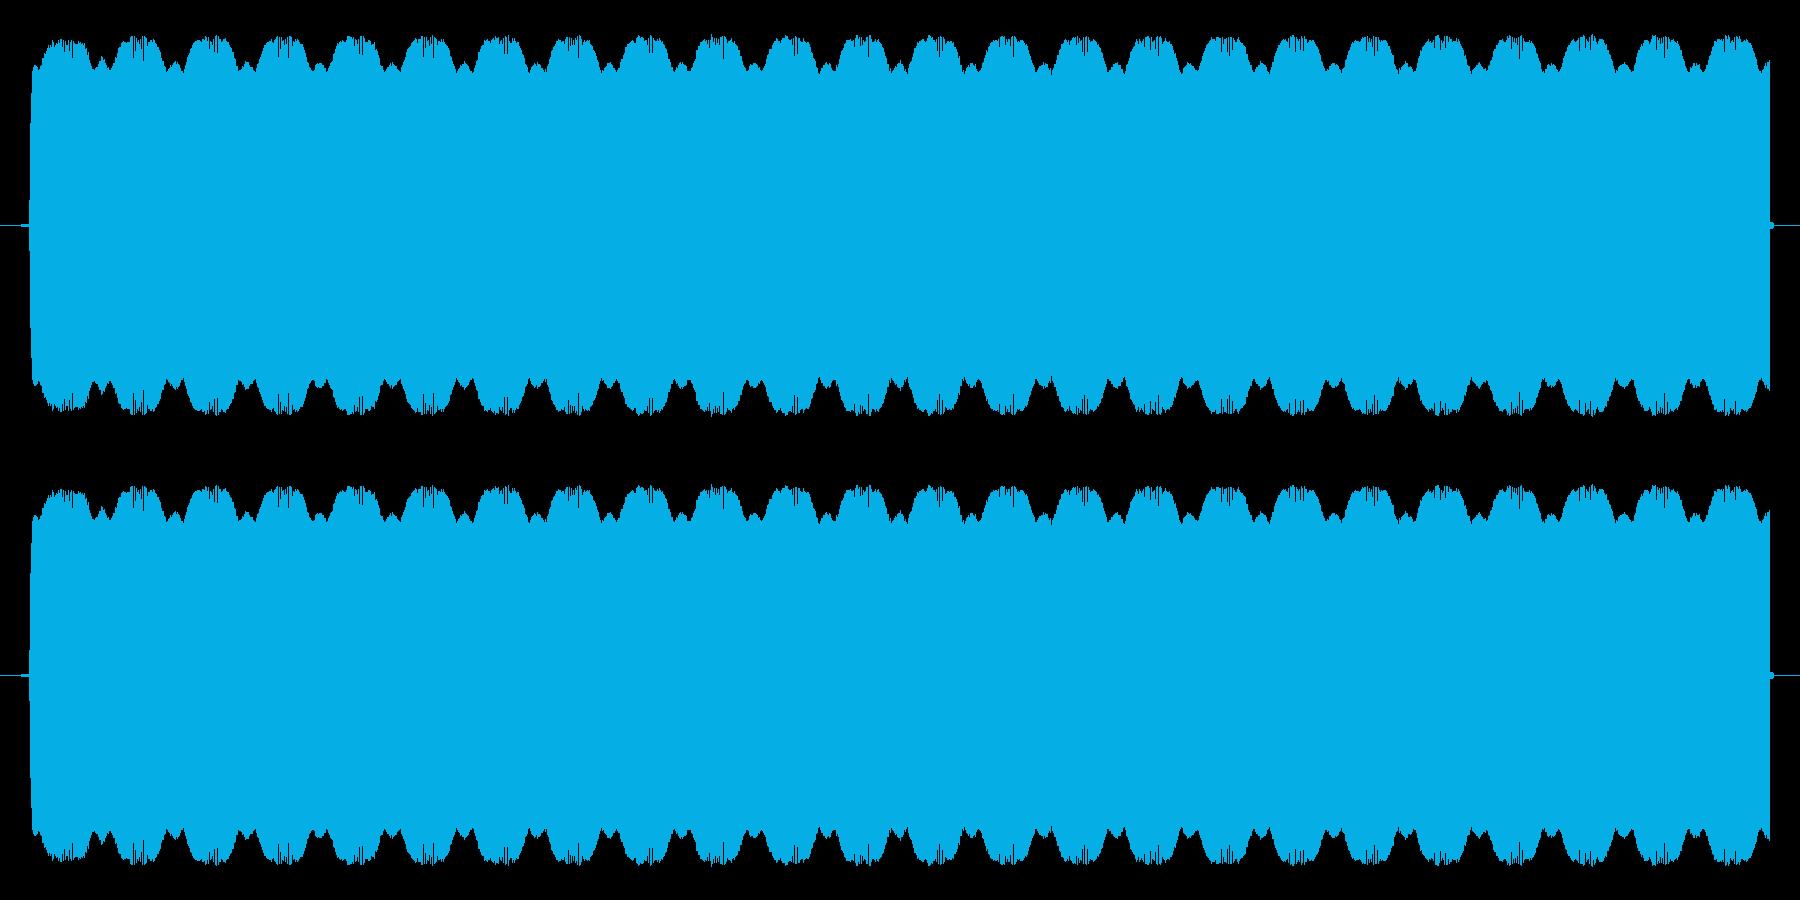 ほにゃららSE(ピー音代用)の再生済みの波形